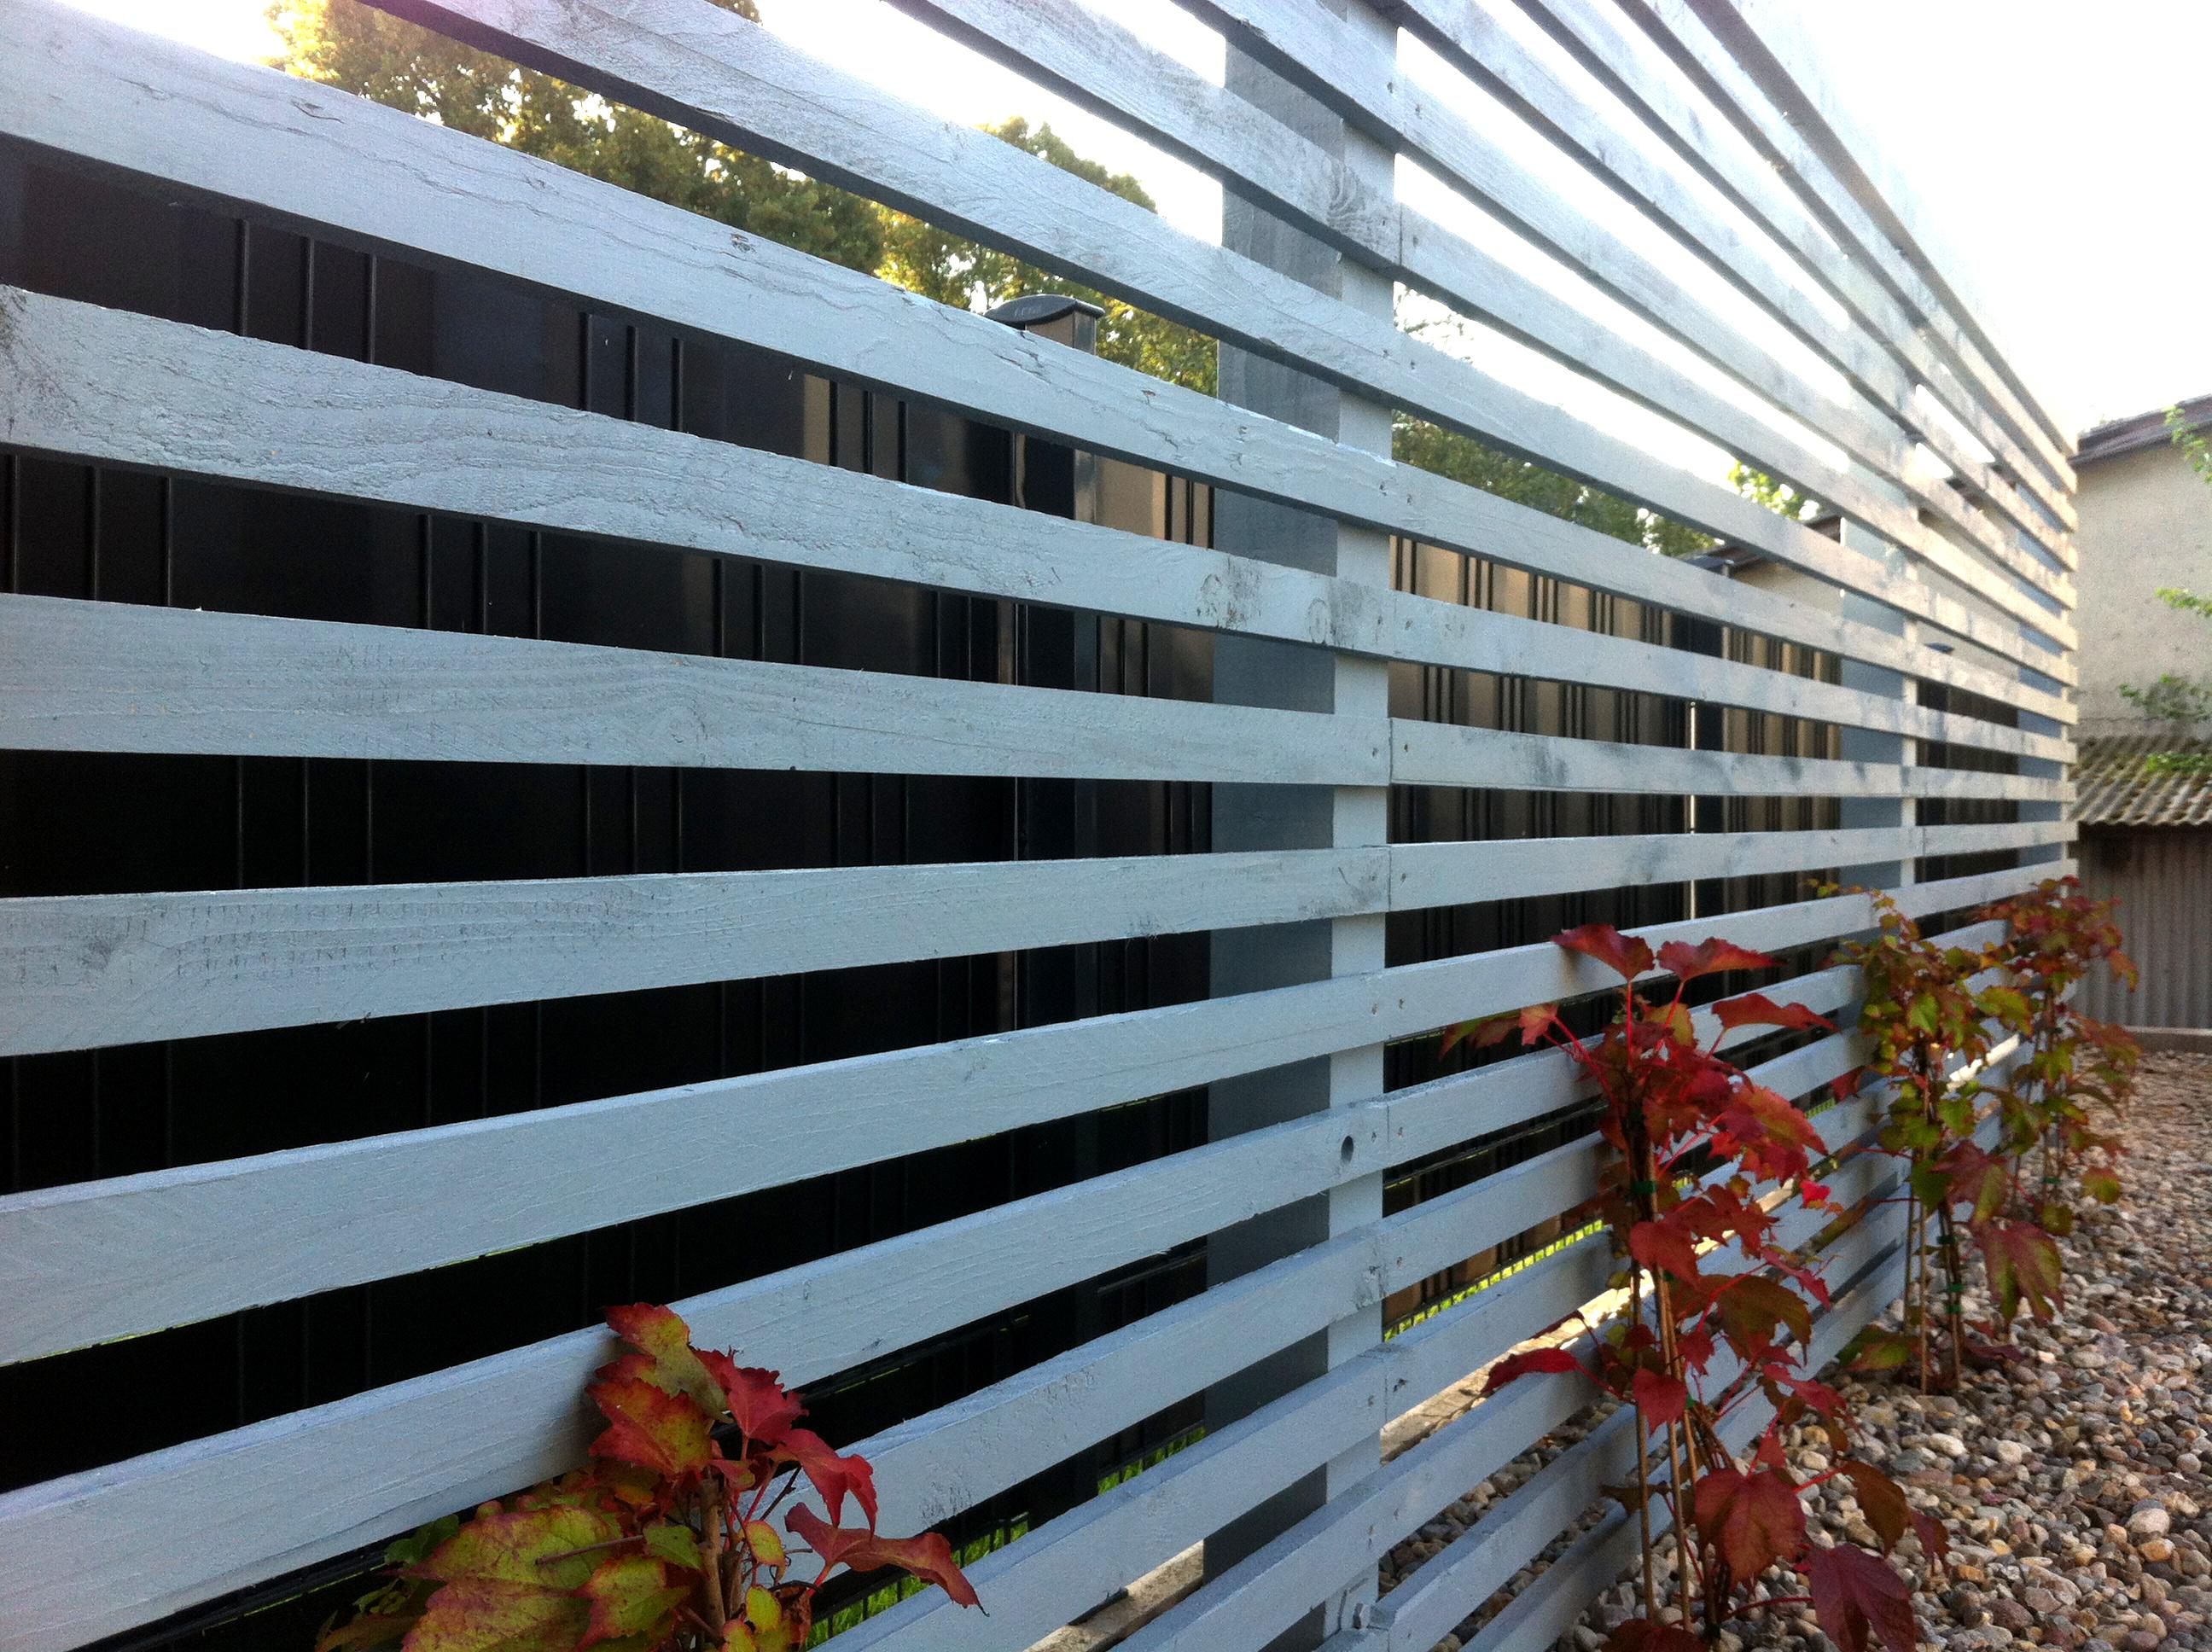 Pergola-aus-lasiertem-Fichtenholz-als-Sichtschutz-und-Rankhilfe-für-wilden-Wein-zwischen-zwei-Doppelhaushälften